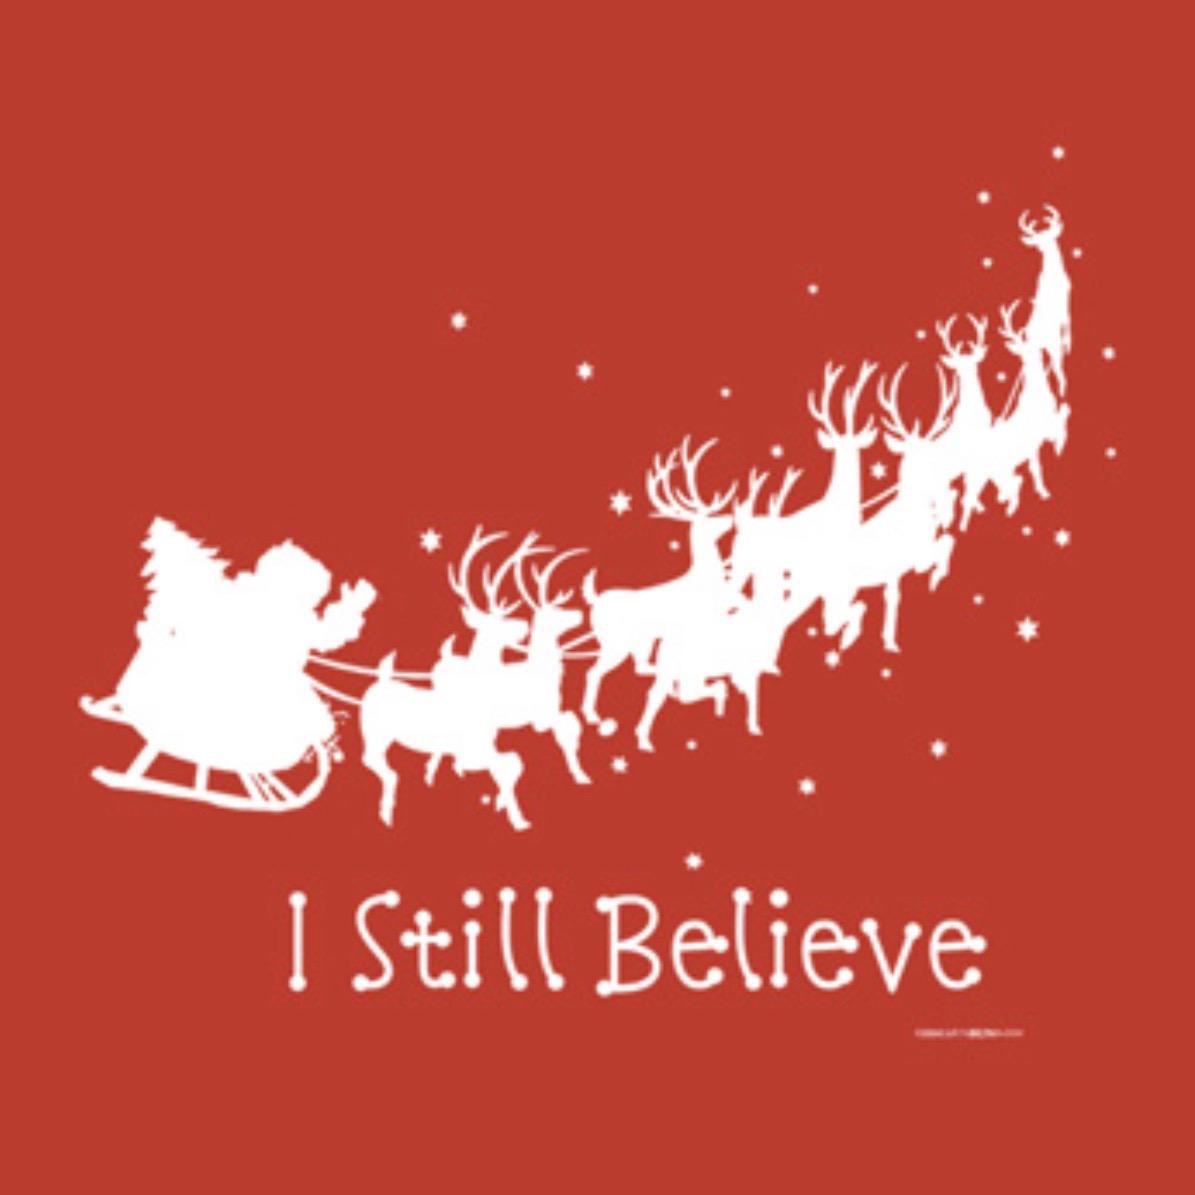 I Believe In Christmas.I Believe In Santa Claus By Rick Gwinn Frettie The